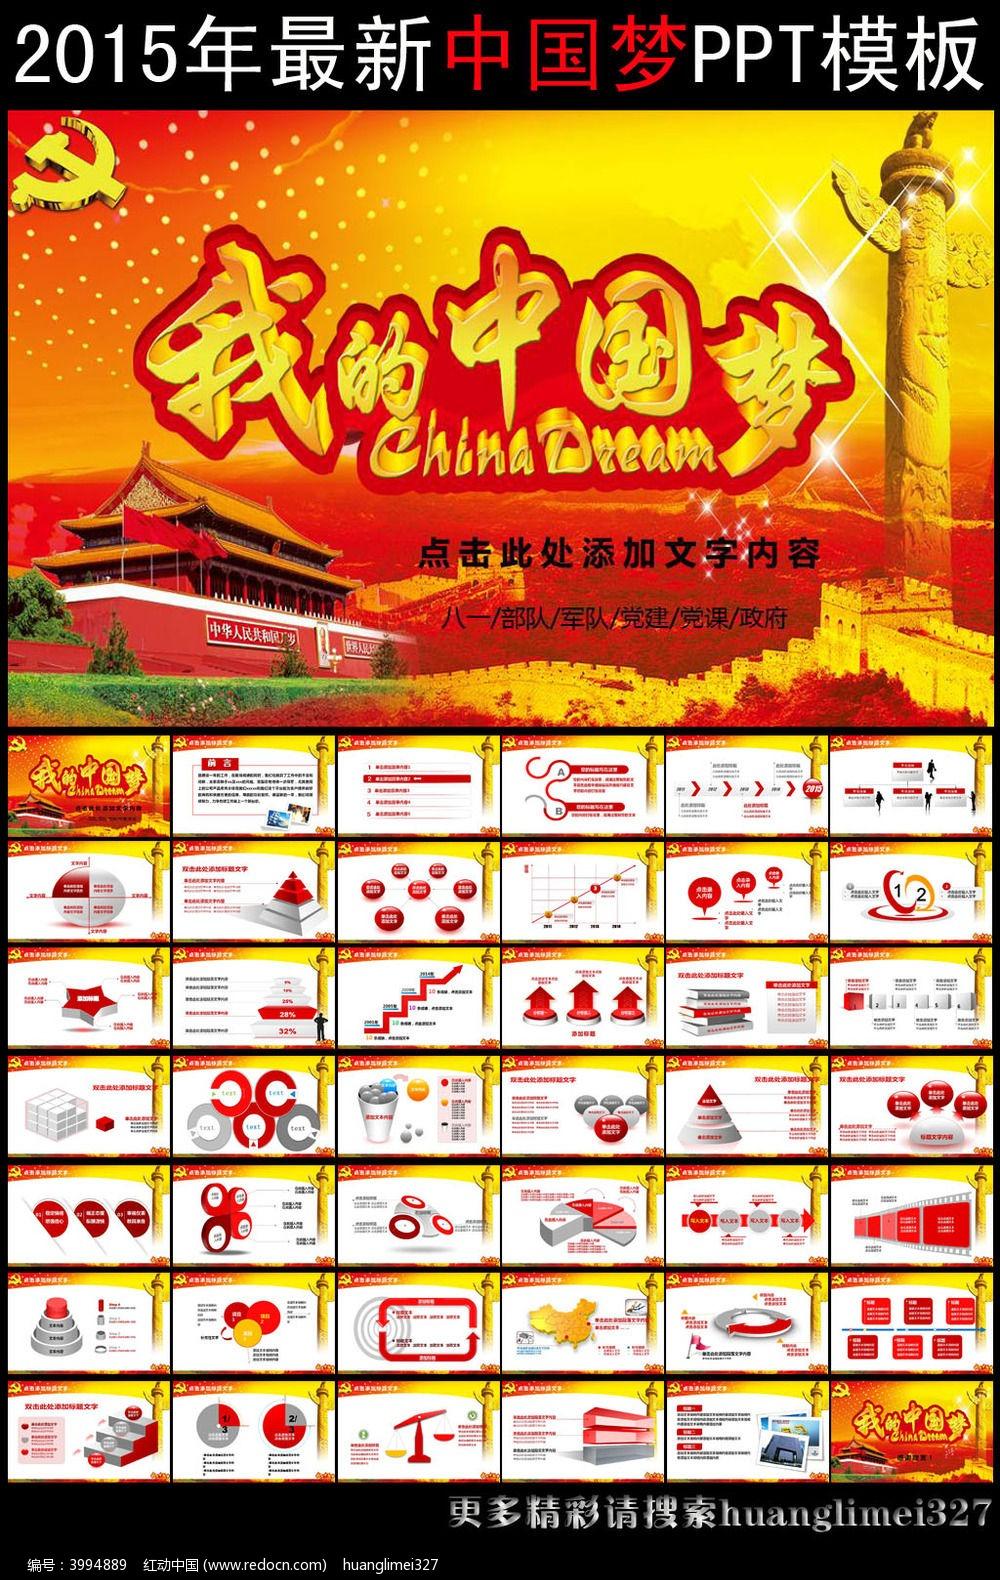 最新中国梦ppt模板_ppt模板/ppt背景图片图片素材